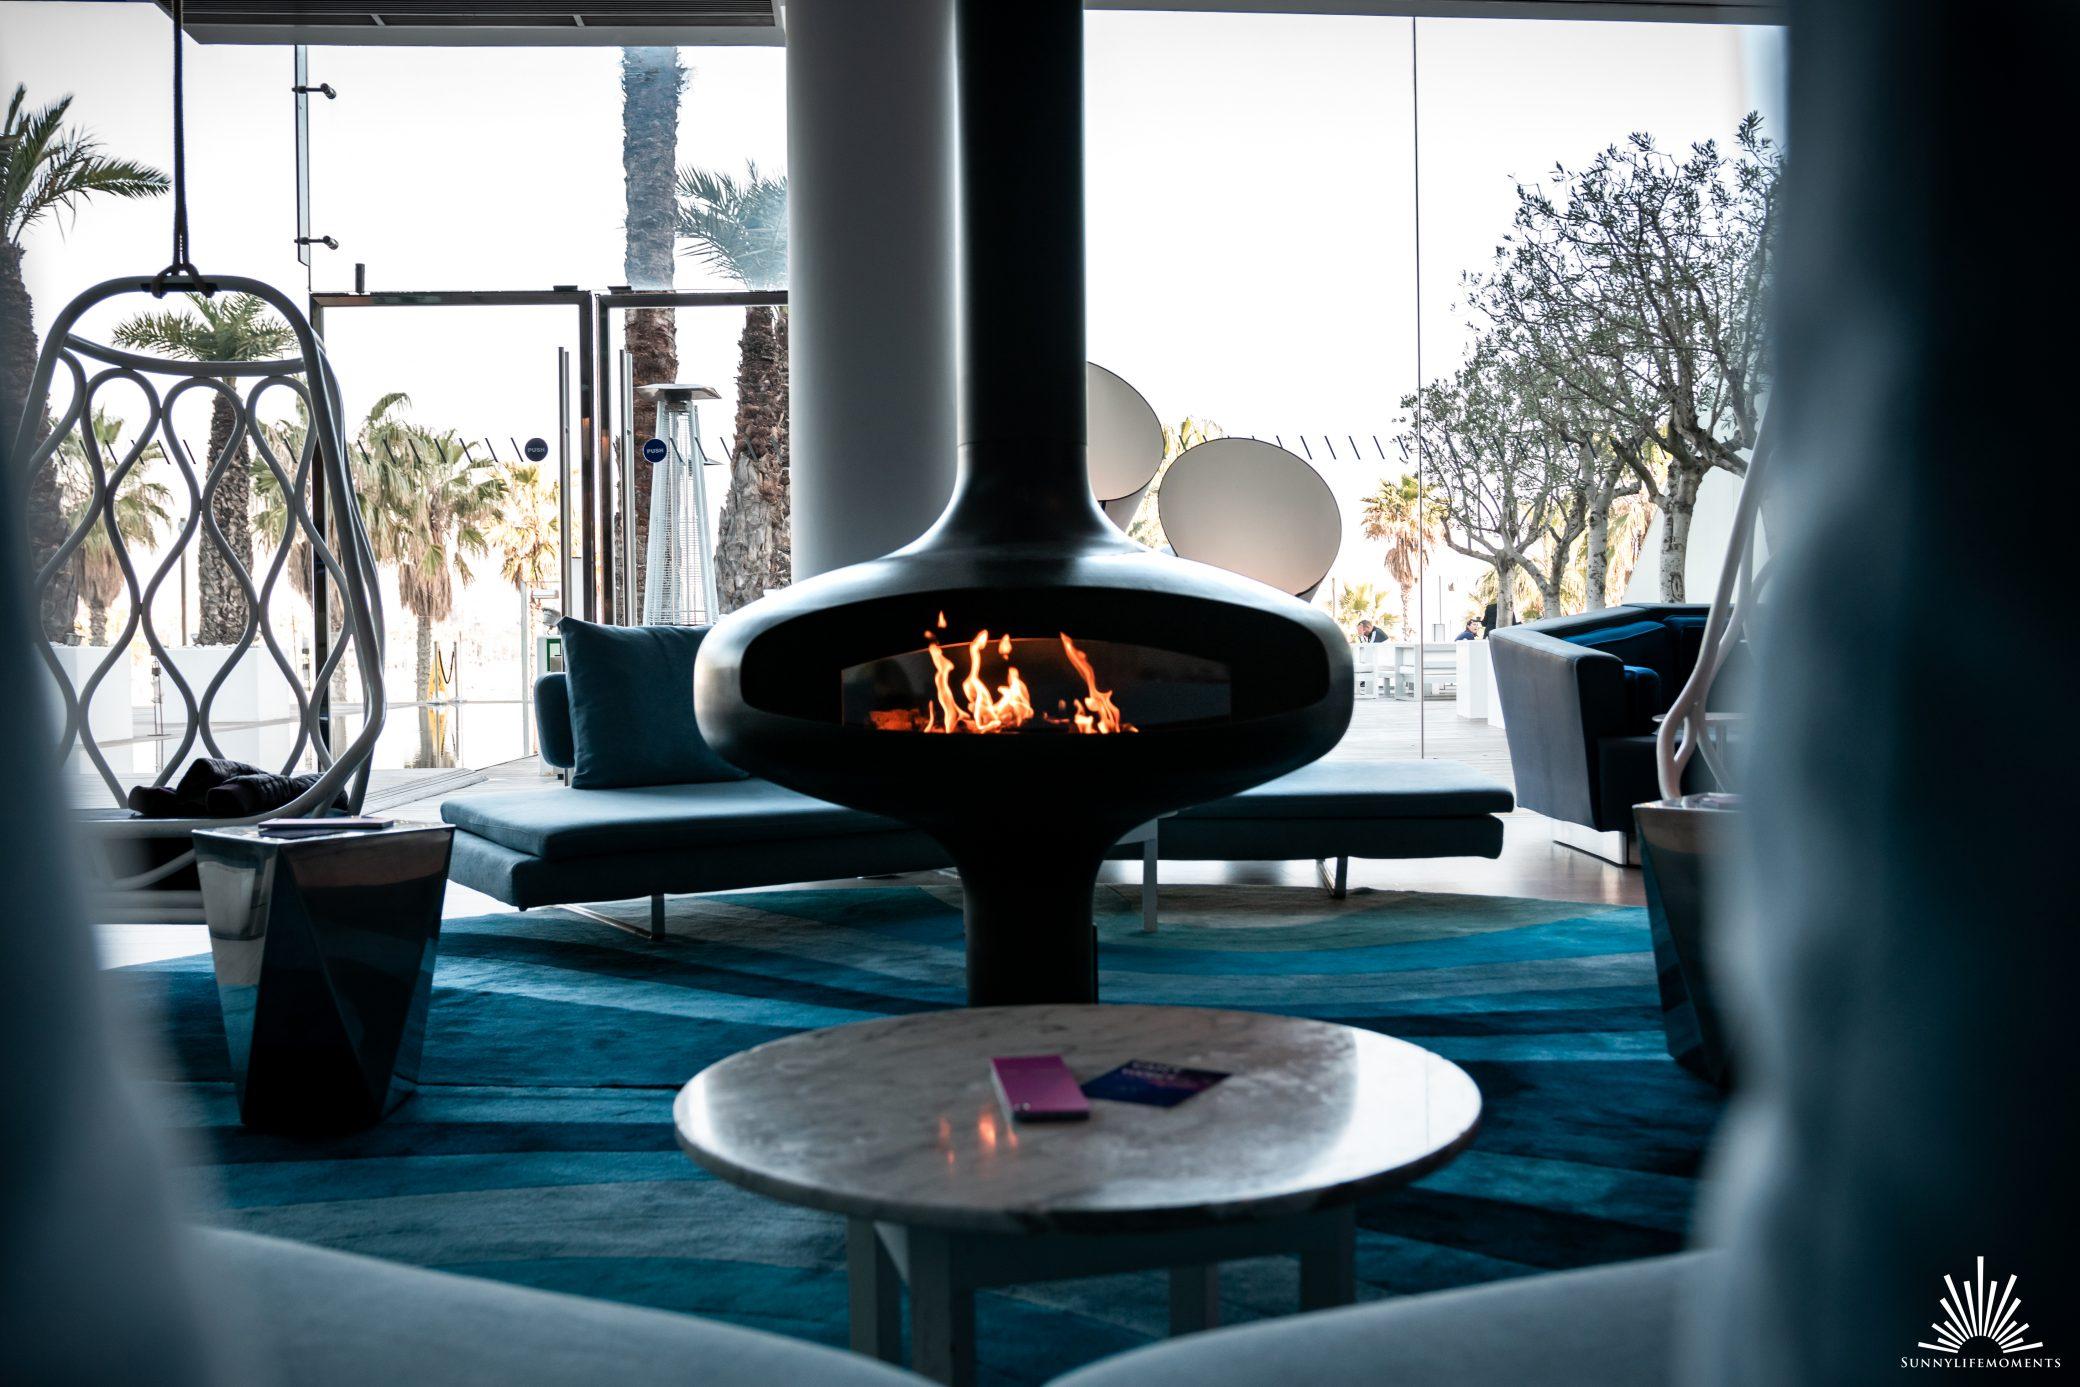 Fireplace W Hotel Barcelona